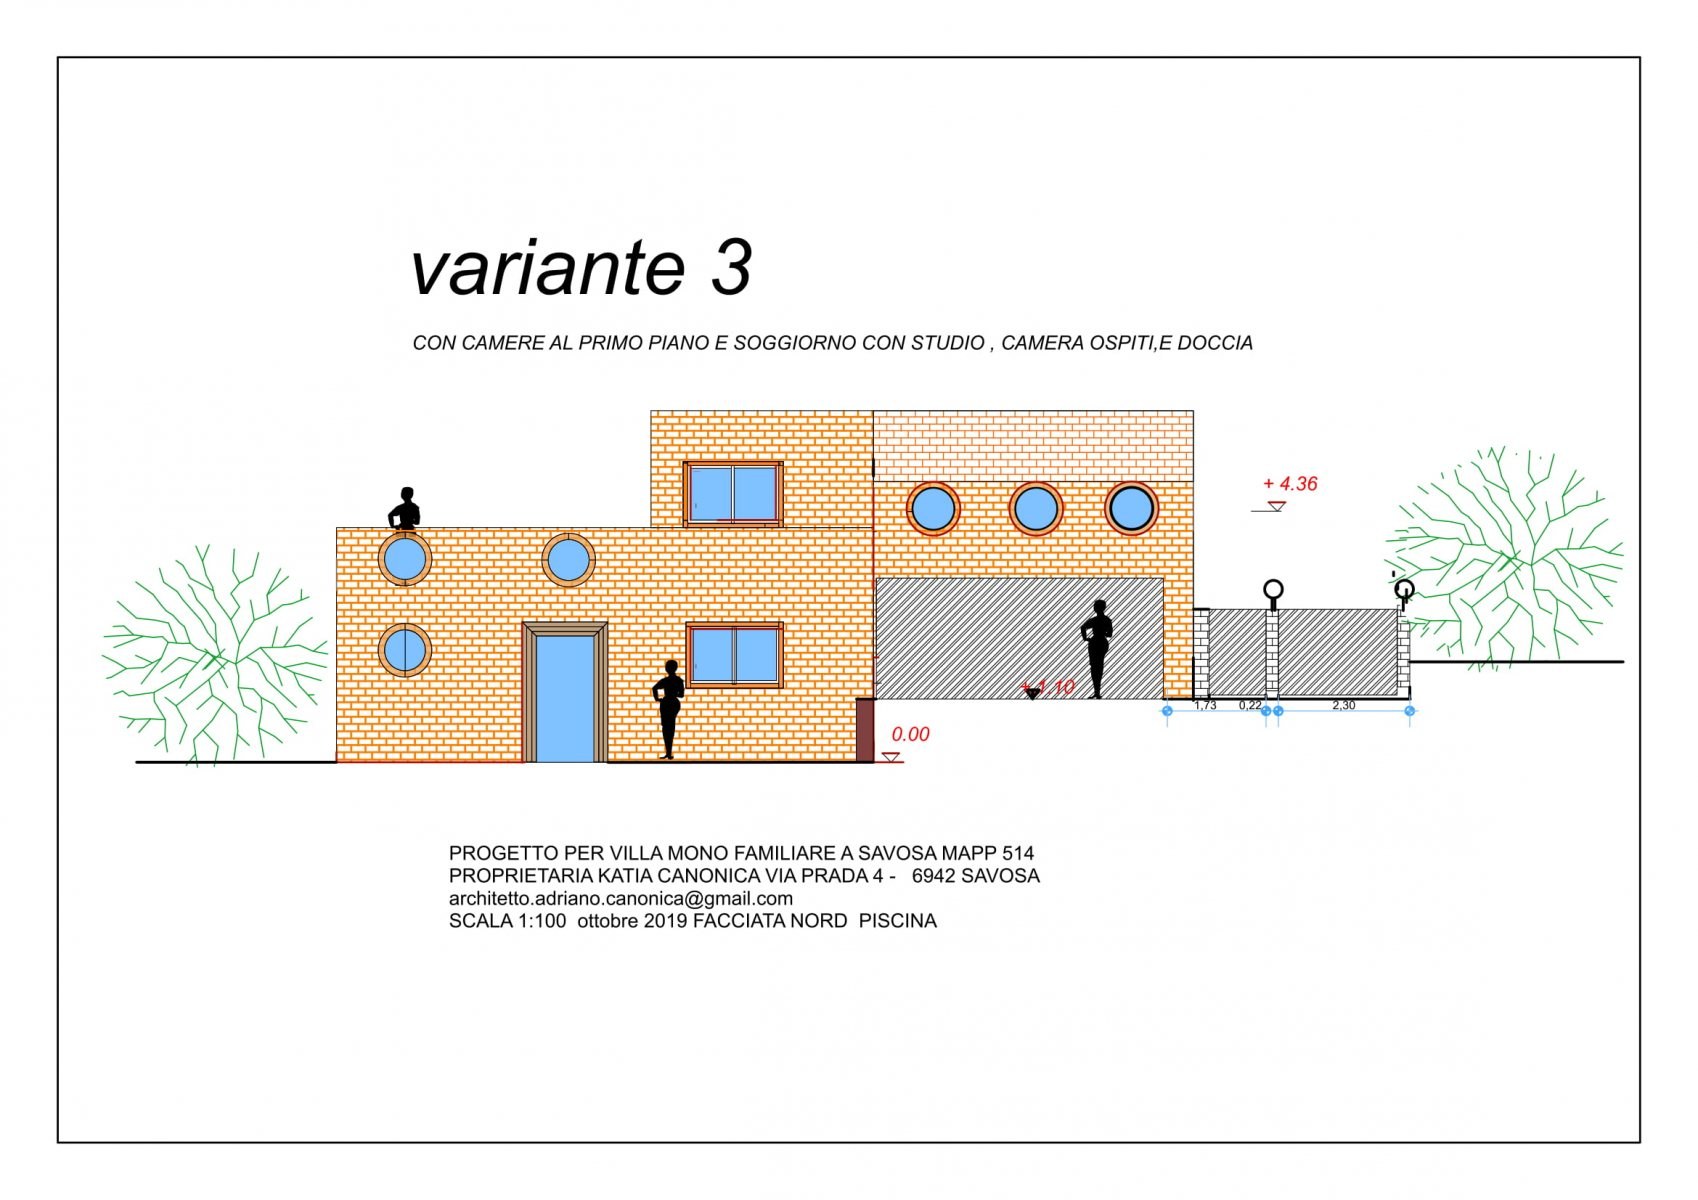 jacuzzi-terrazzo-facciata-nord-1-100-1